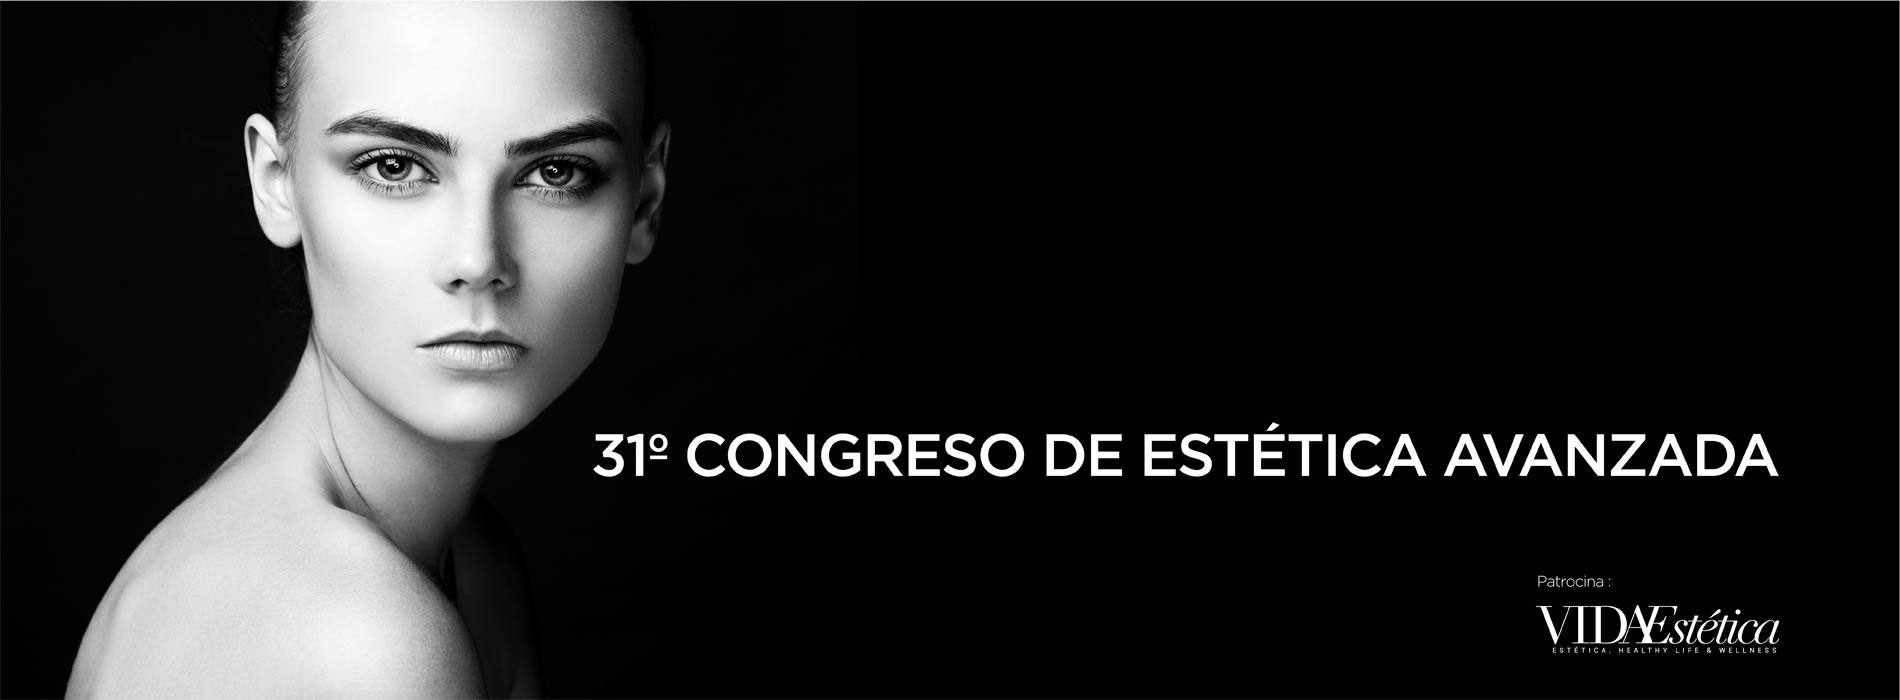 Cosmobeauty - Congreso de Estetica VidaEstetica